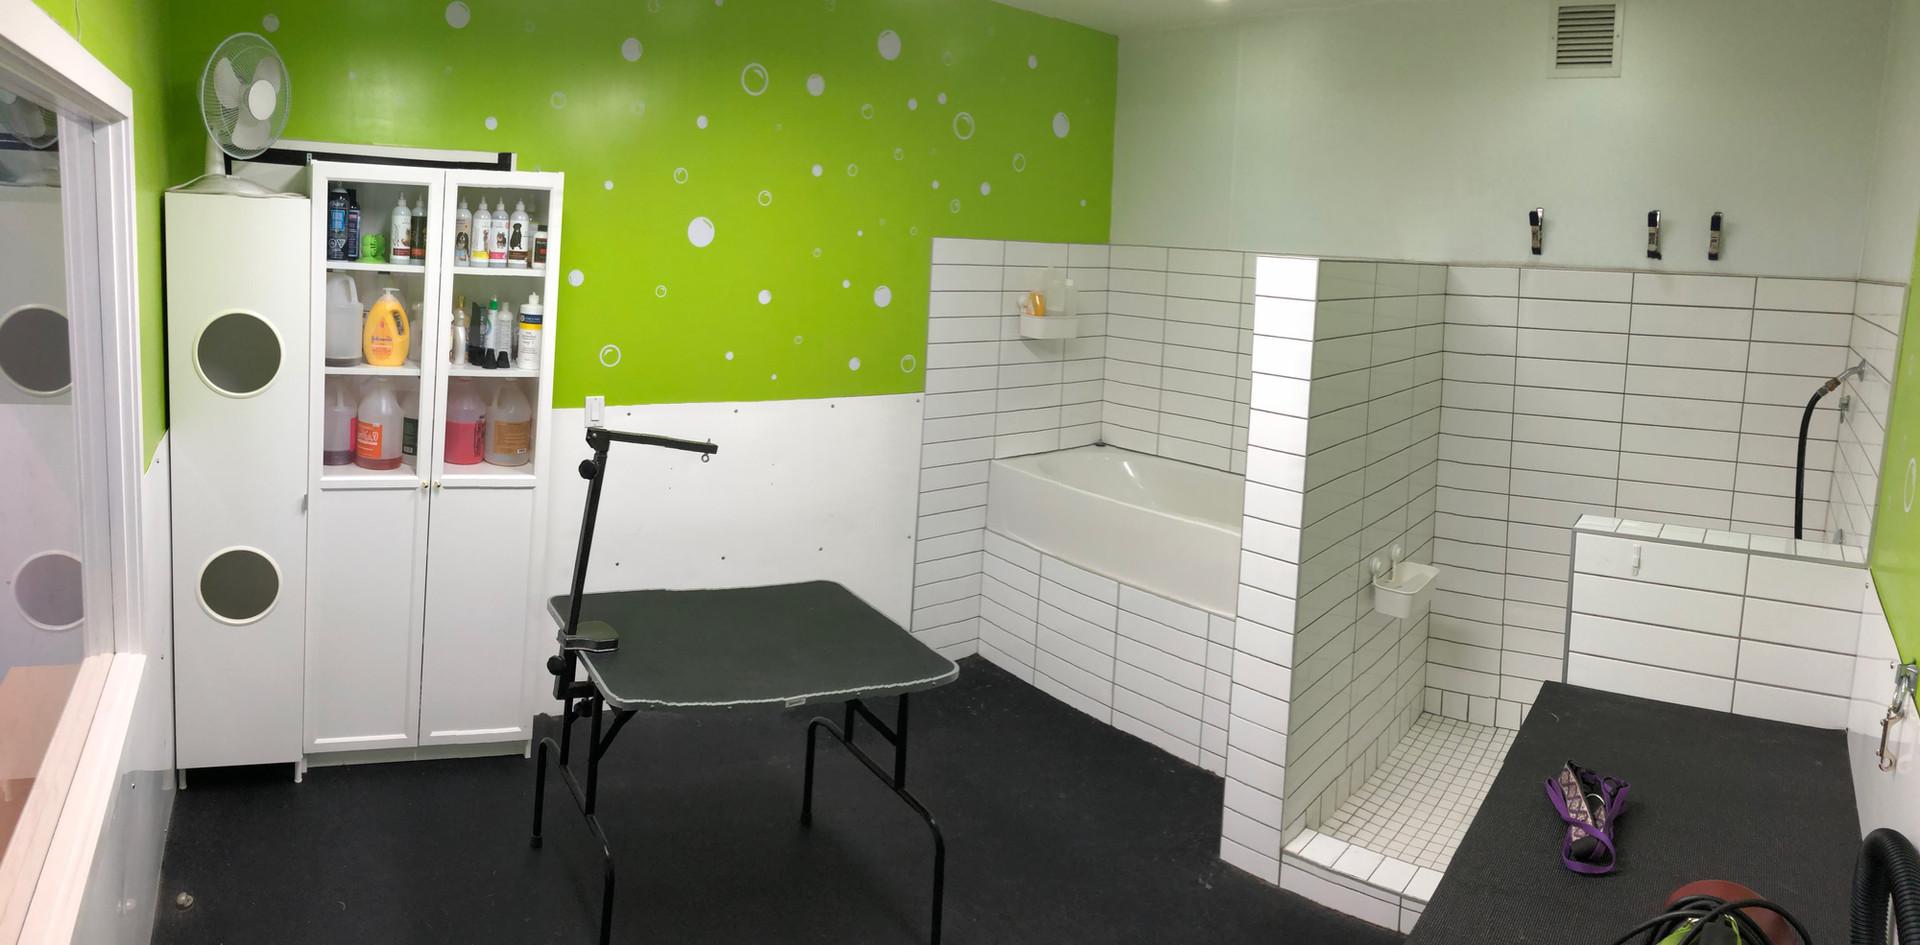 Grooming Room #1